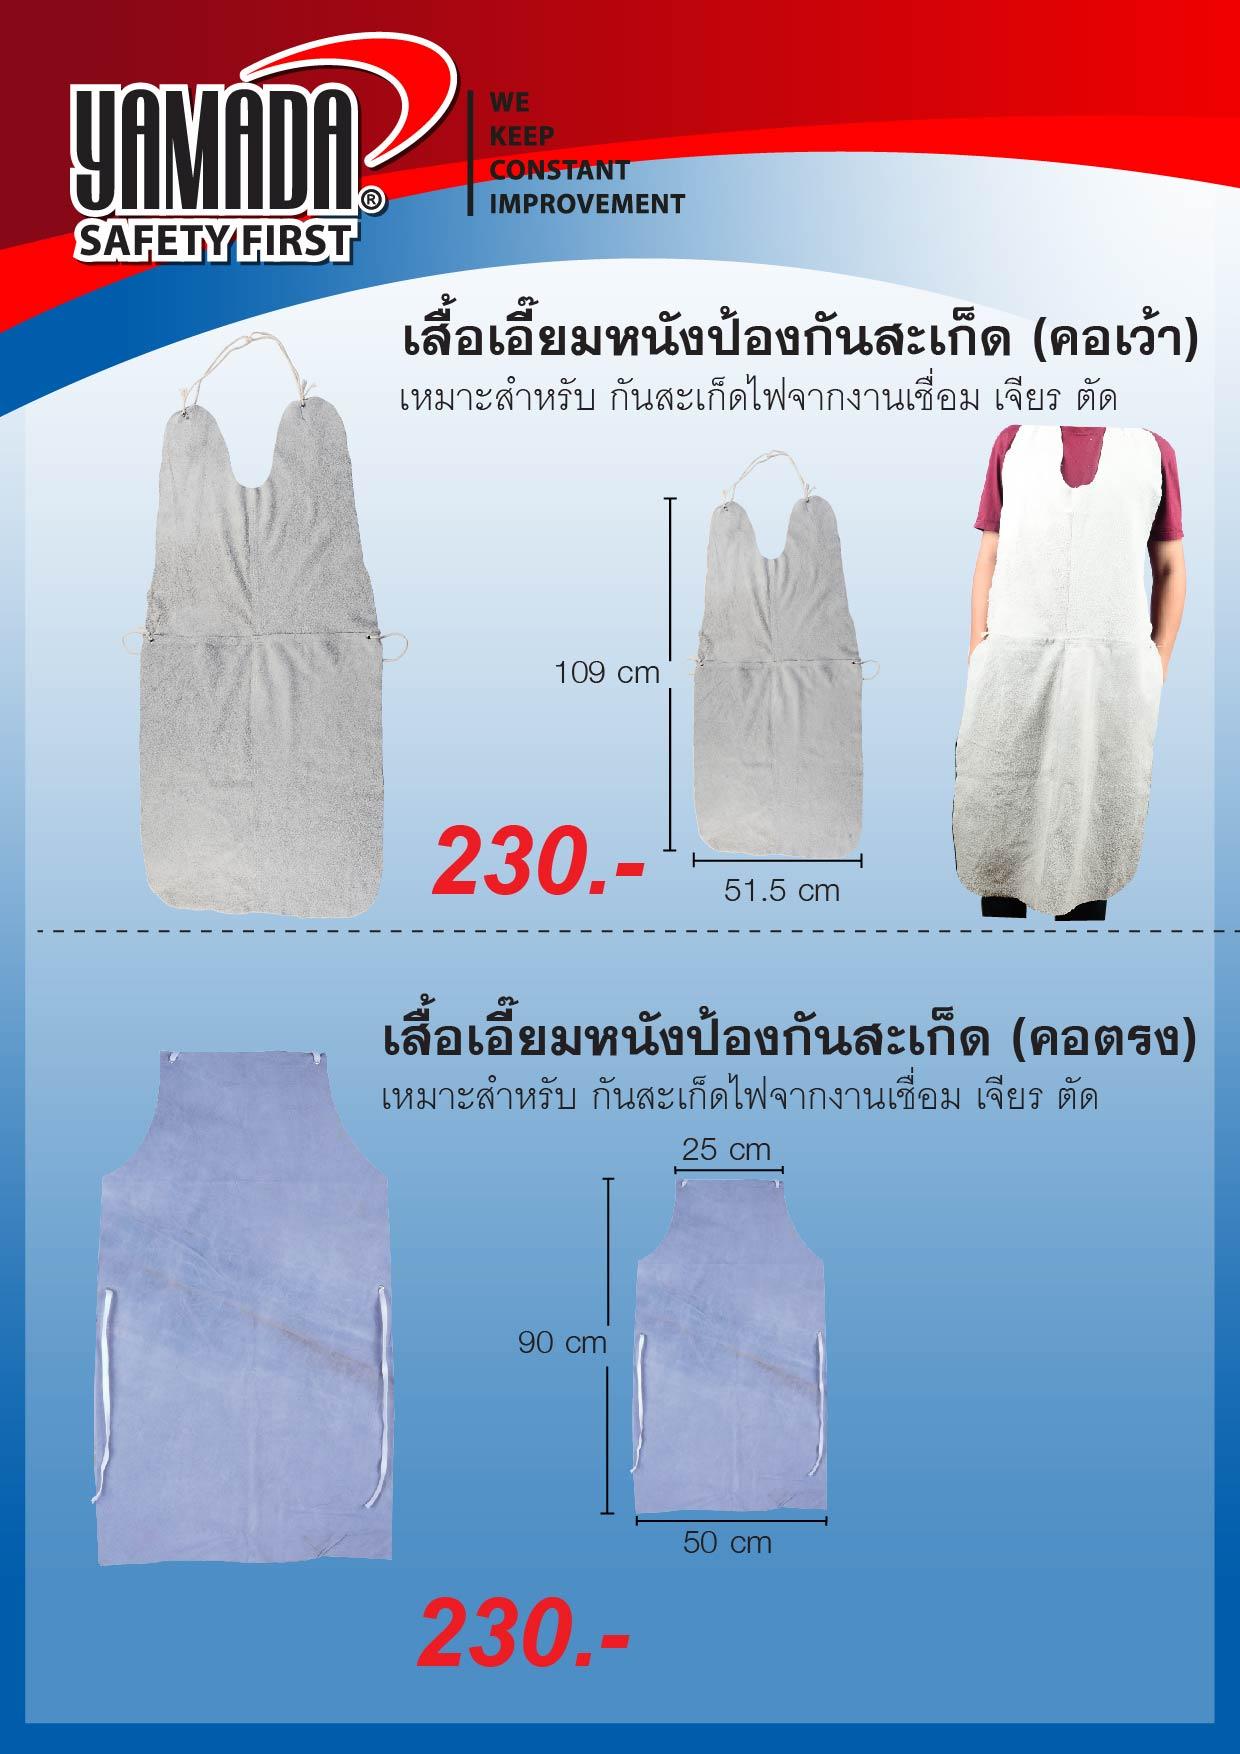 (261/278) เสื้อเอิ๊ยมหนังป้องกันสะเก็ด